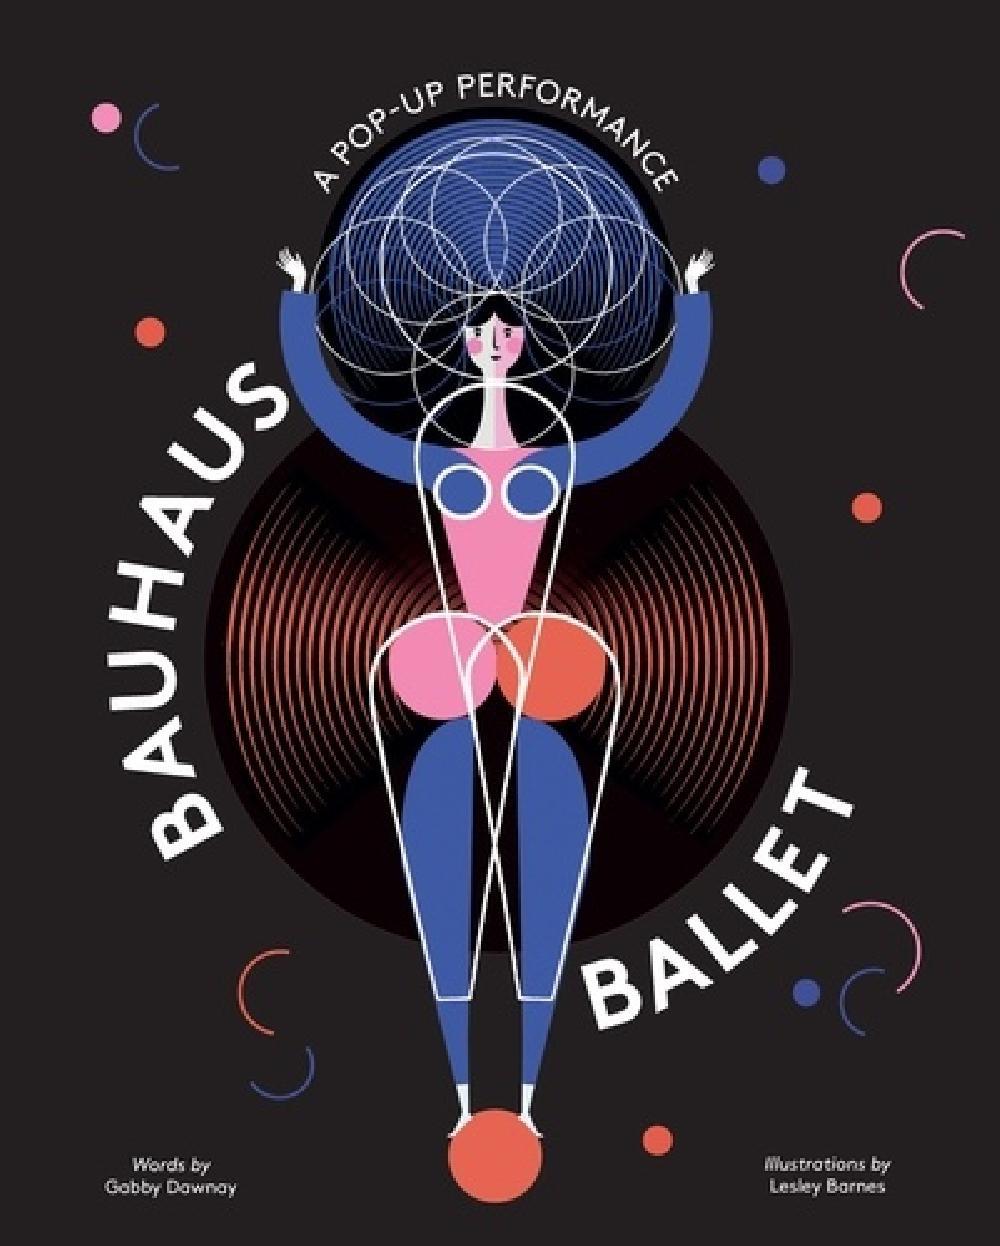 Bauhaus ballet - A pop-up performance